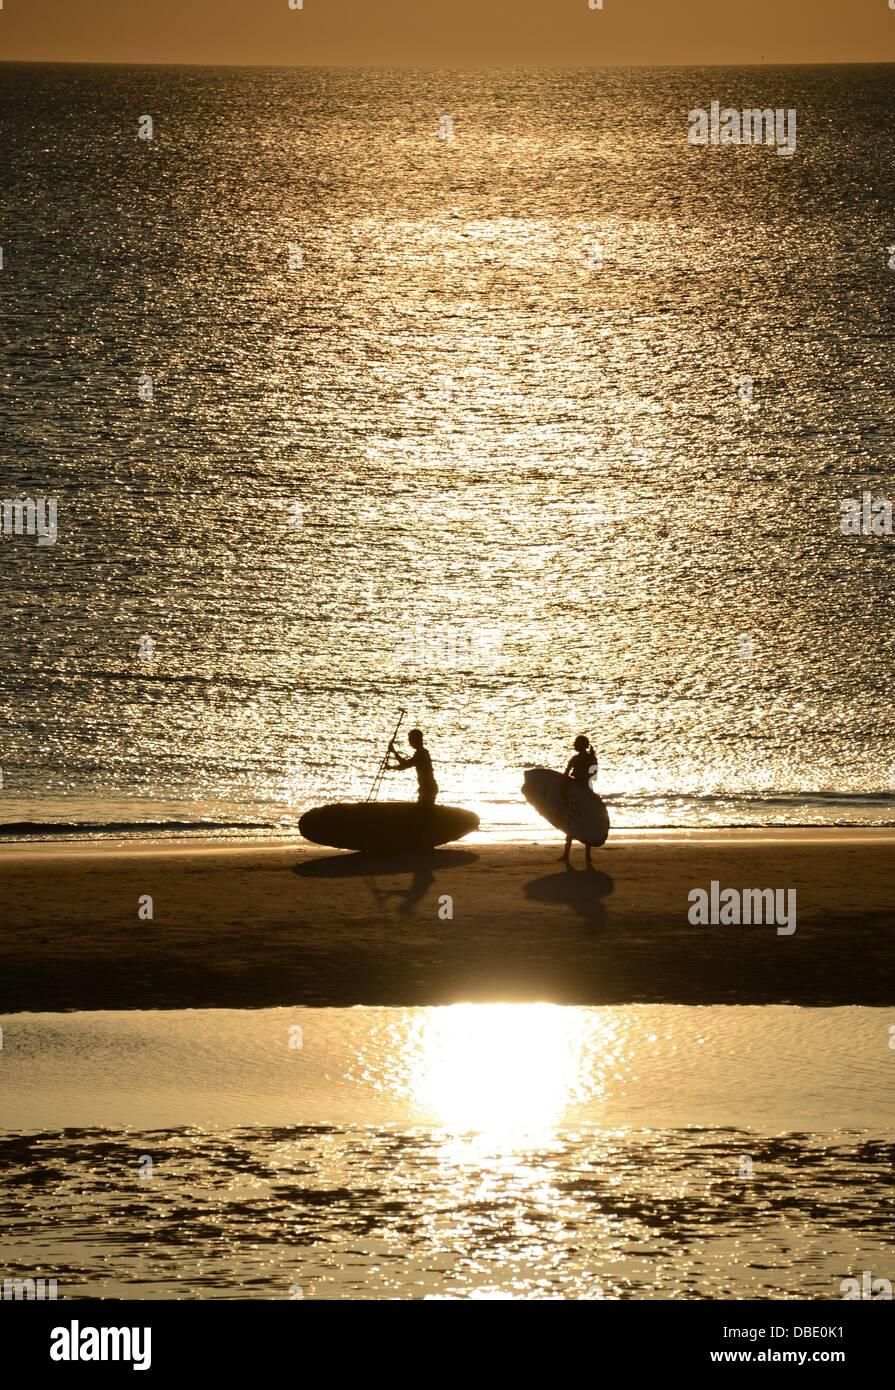 Surfer aus dem Wasser zu bekommen und Fuß entlang des Strandes im Licht der untergehenden Sonne am Strand von Stockbild